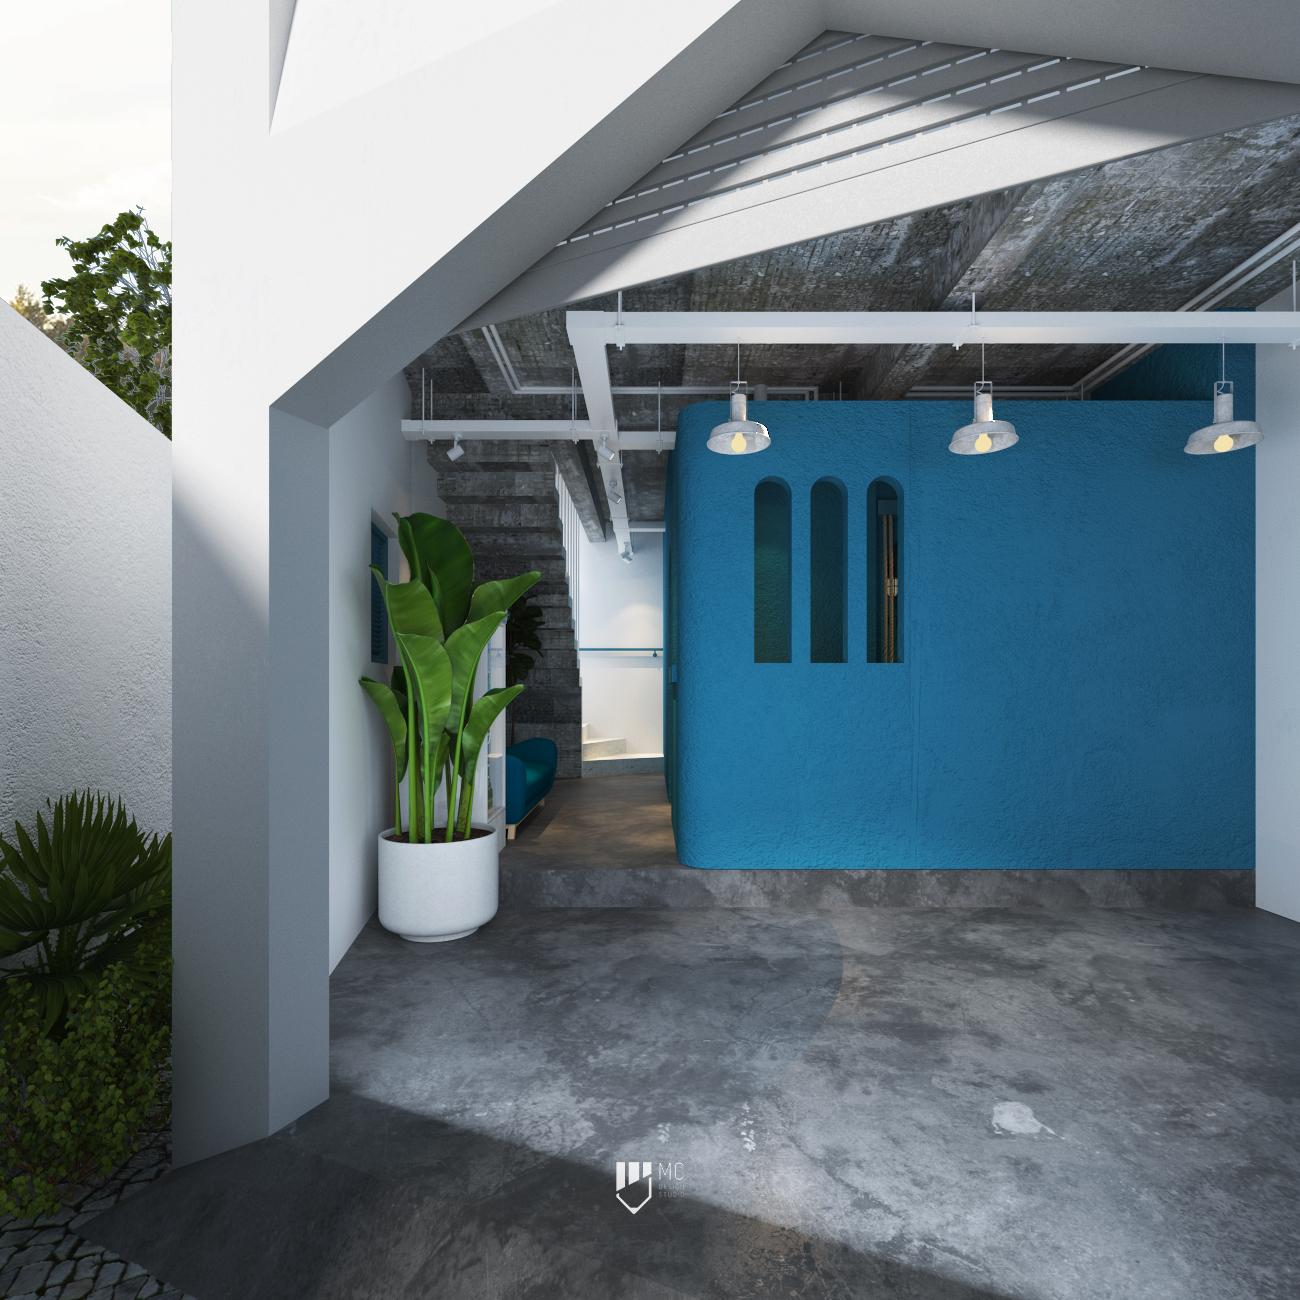 Thiết kế Nhà Mặt Phố tại Hồ Chí Minh T.H.S HOUSE 1588586224 3